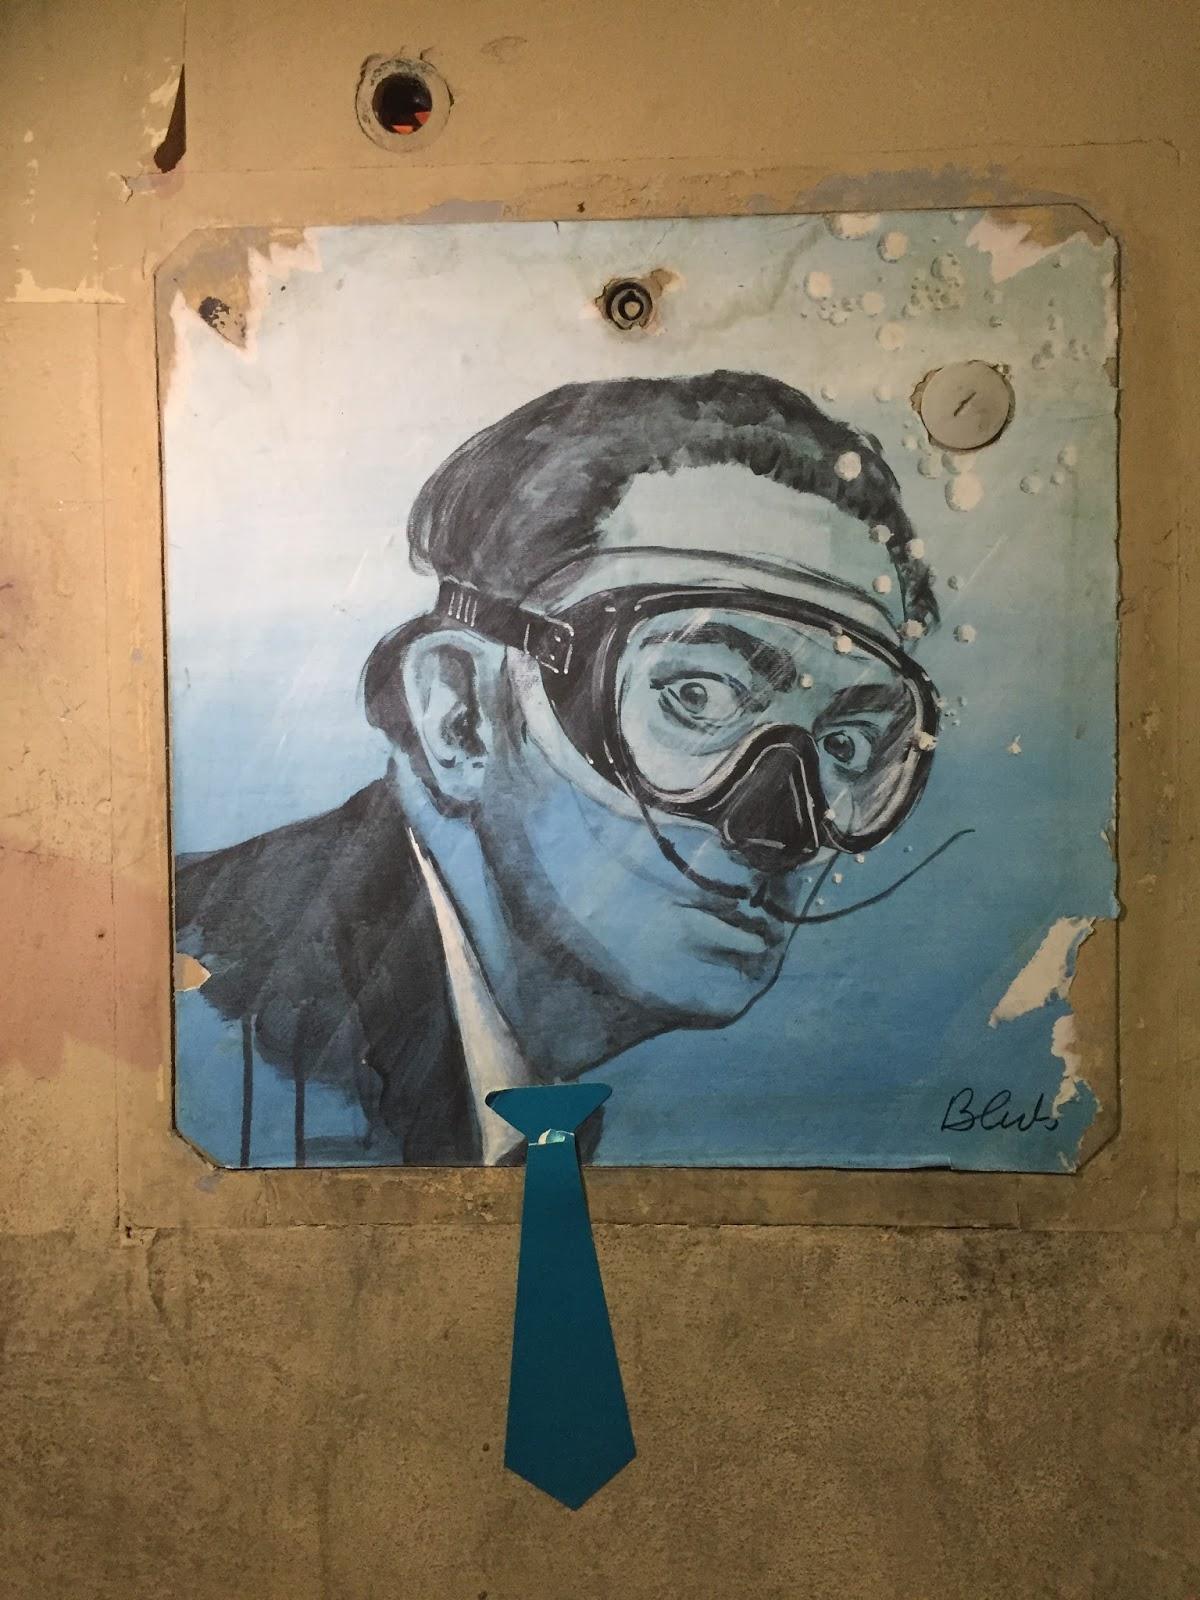 L Arte Delle Unghie: A Few Street Art Pieces